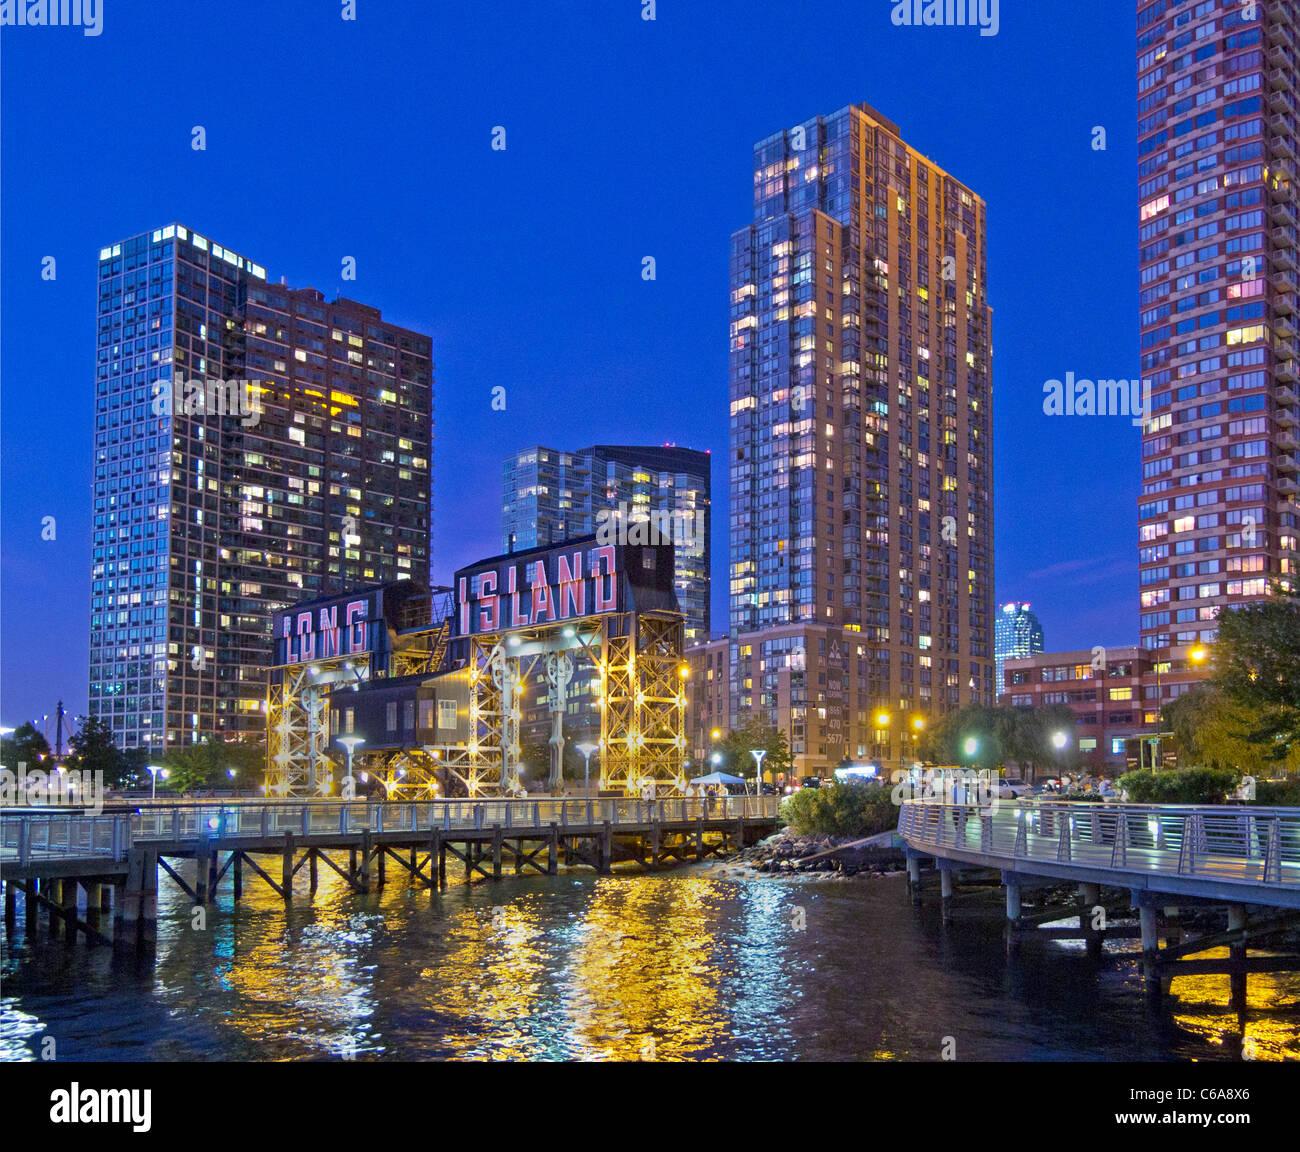 Long Island City Ny: Long Island City Boat Pier In Queens NY Stock Photo